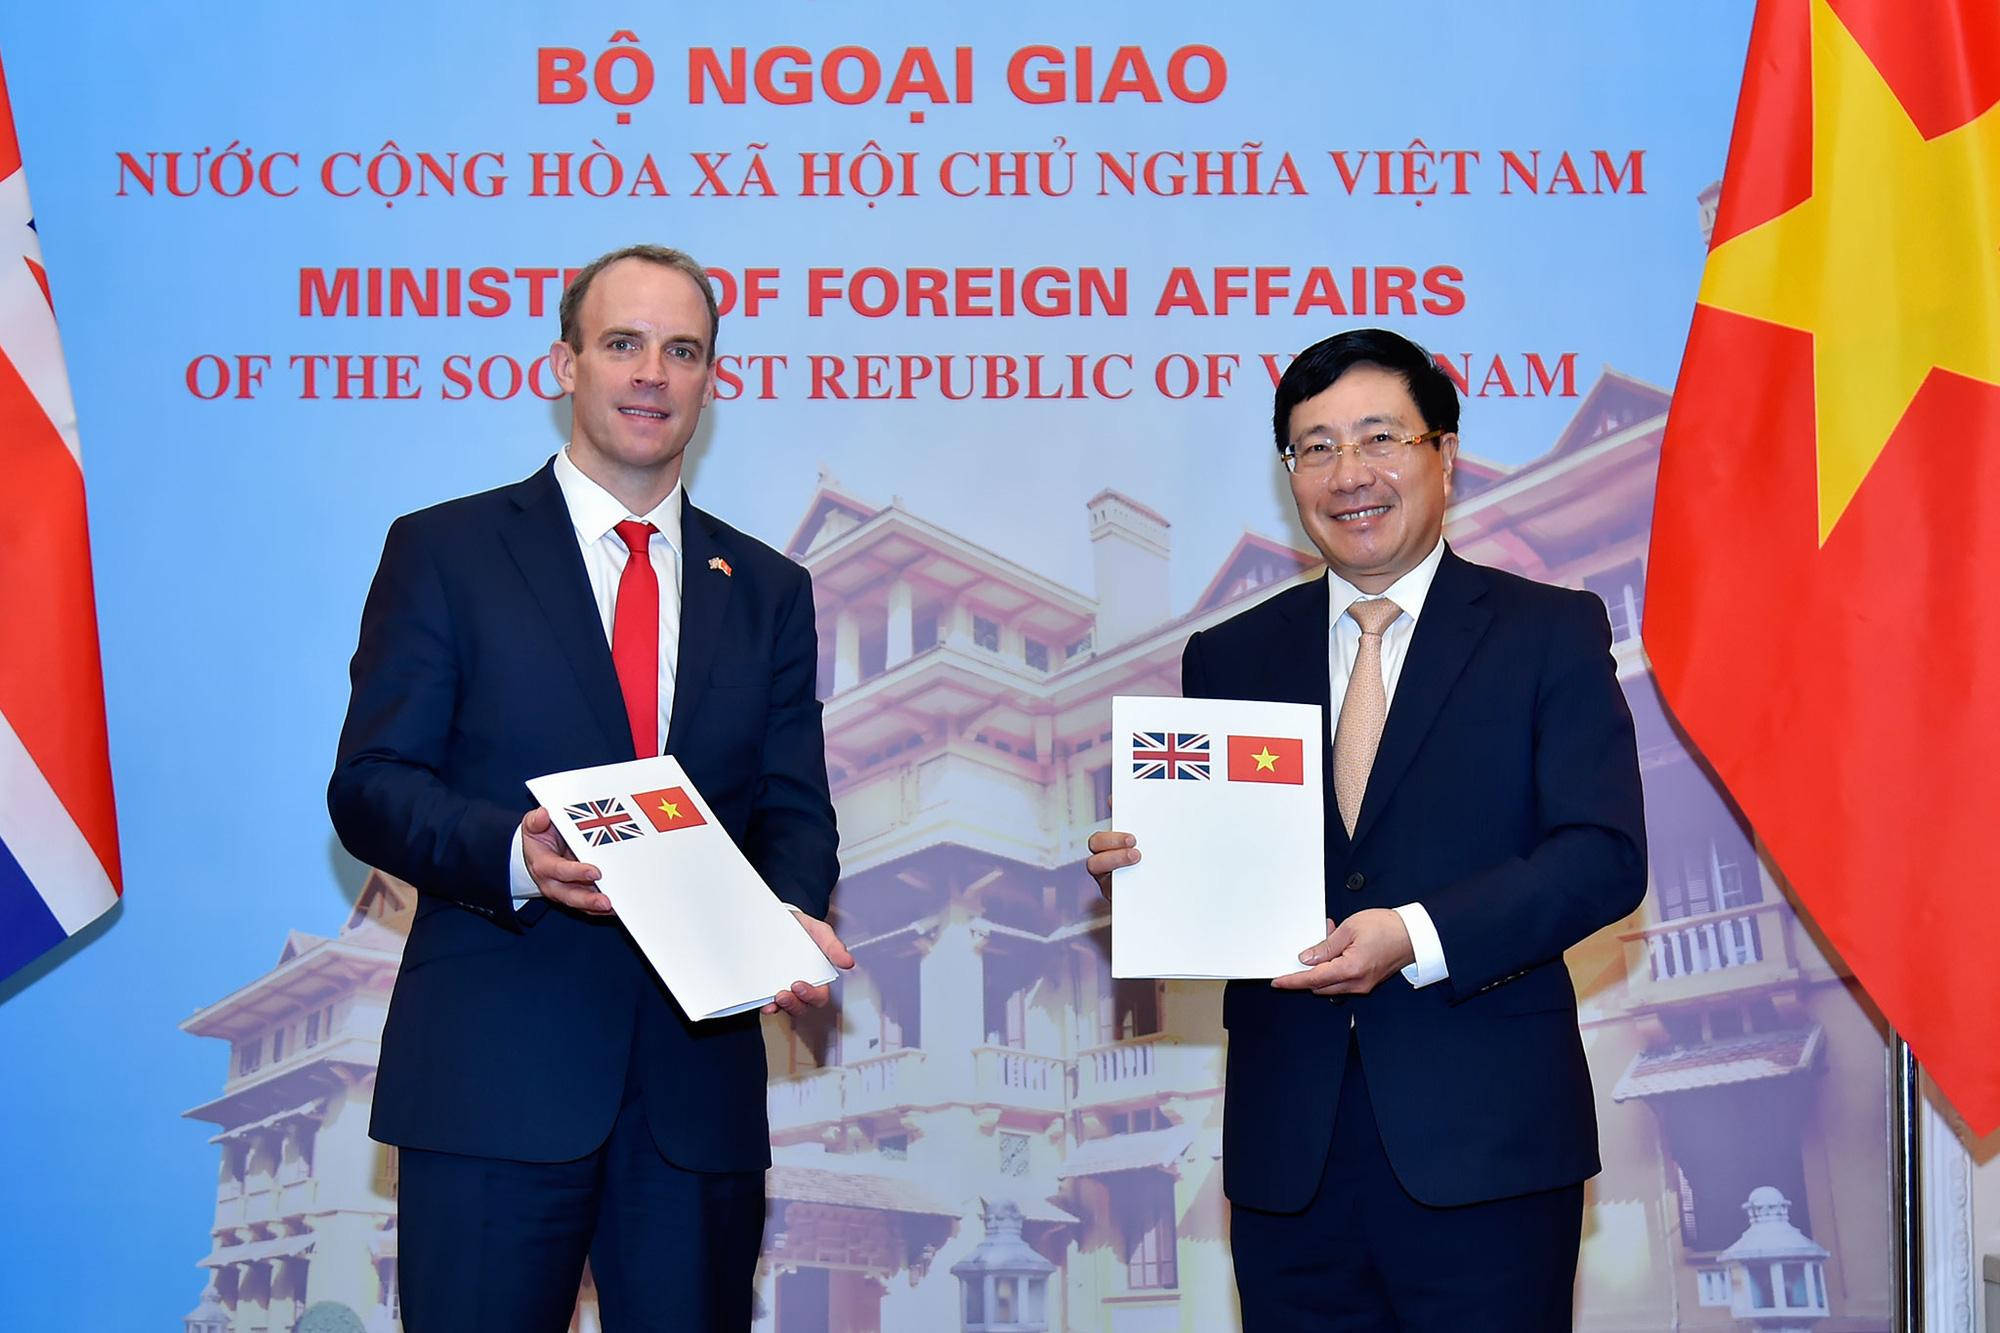 Việt Nam đồng ý áp dụng EVFTA với Anh trong giai đoạn Brexit - Ảnh 3.